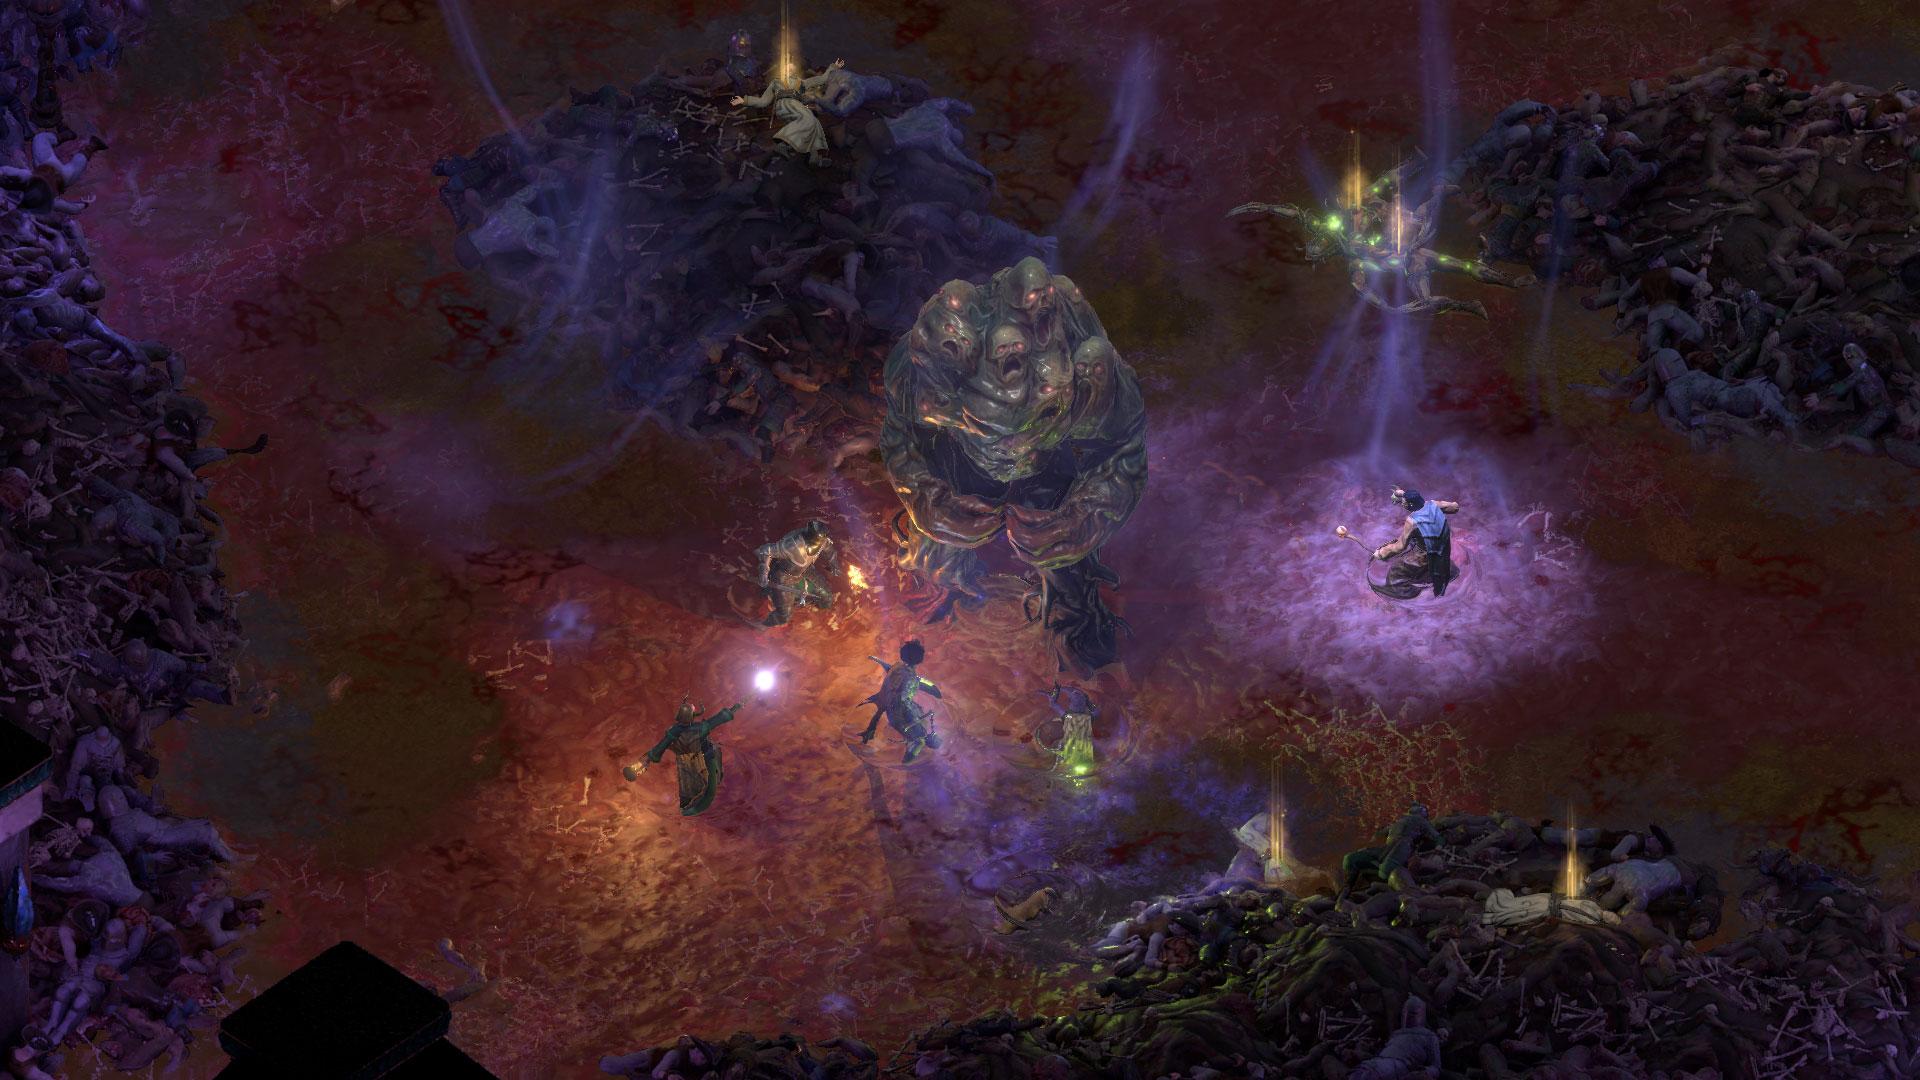 Screenshot à l'intérieur du dieu endormi de Pillars of Eternity 2: Deadfire